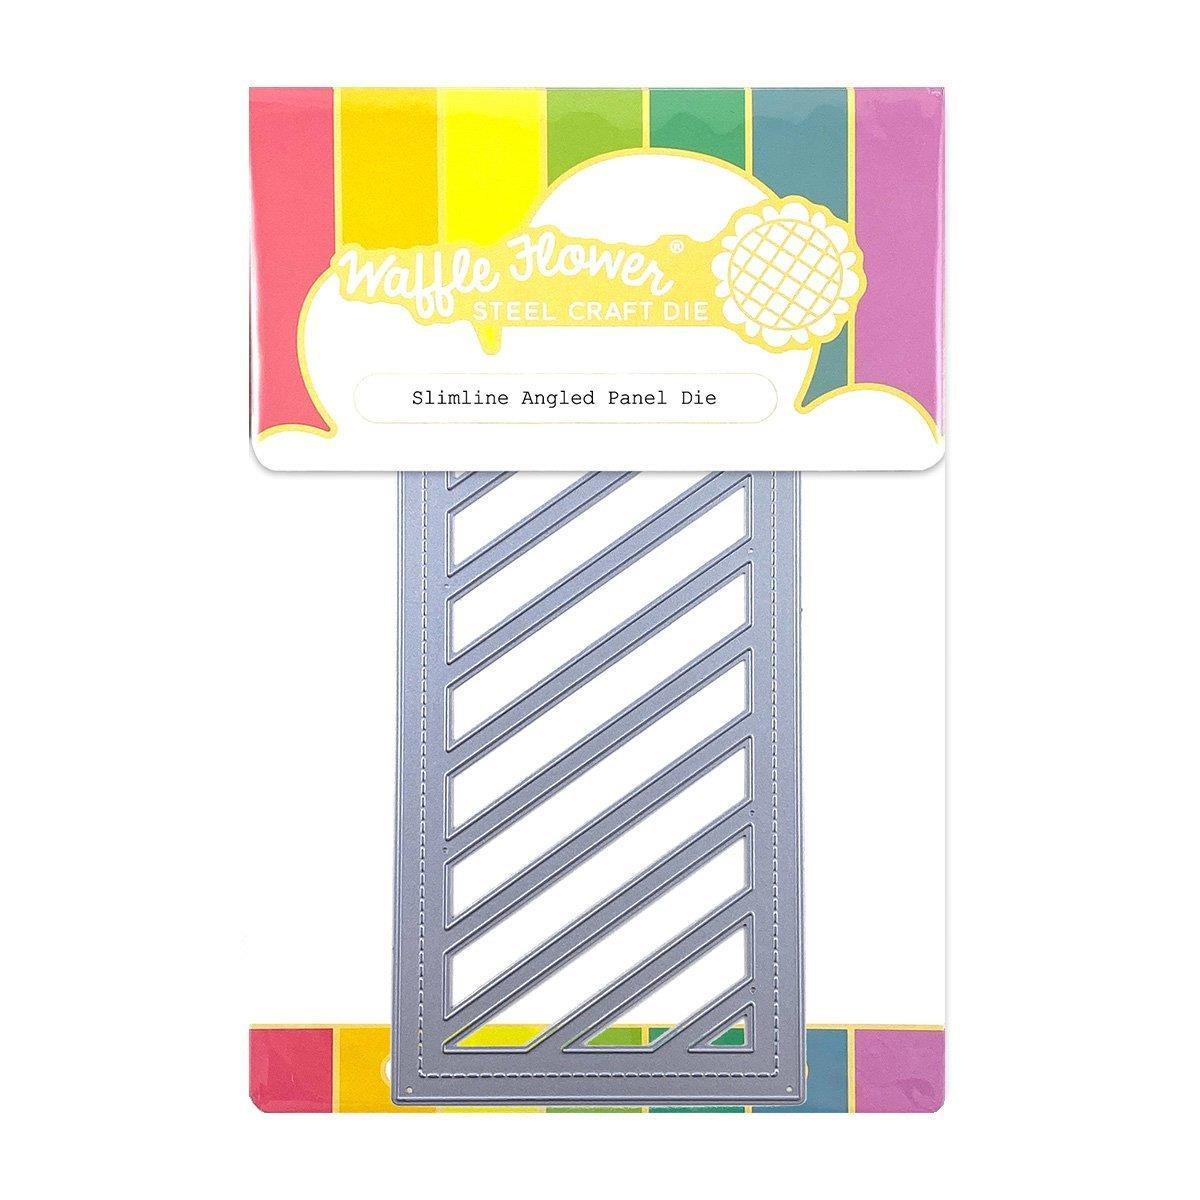 Slimline Angled Panel, Waffle Flower Dies -